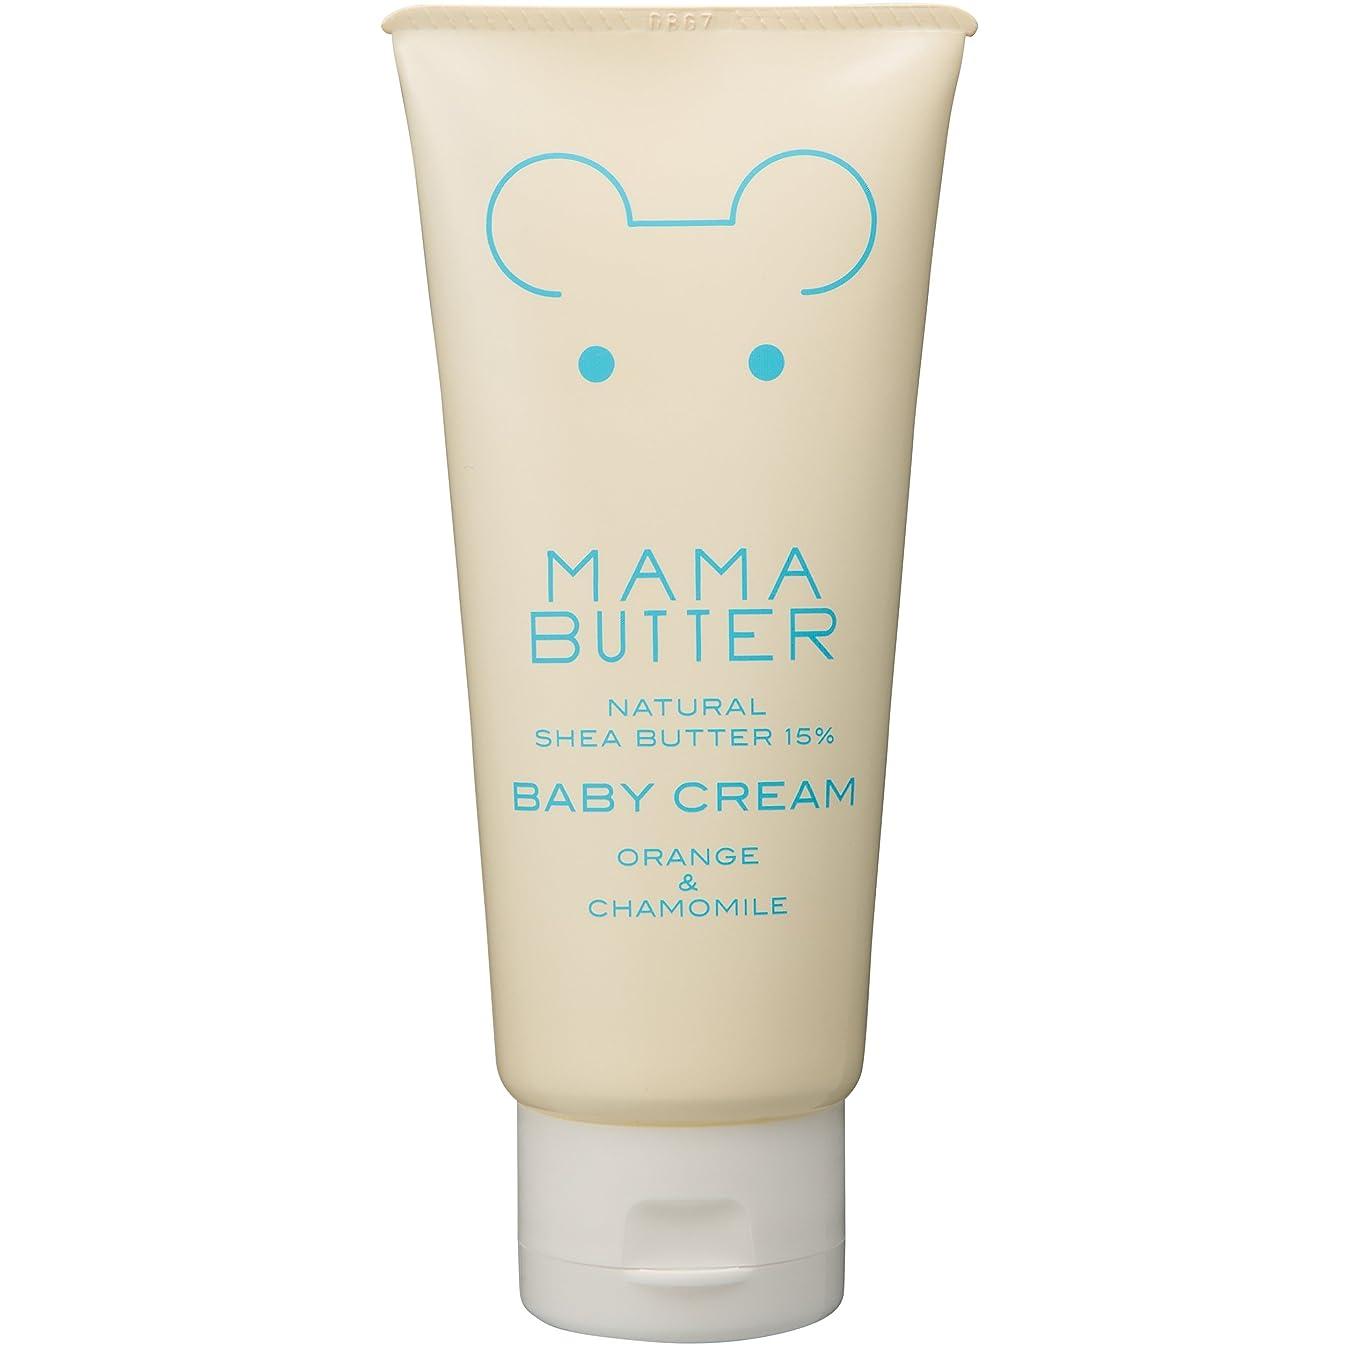 本質的にスケルトン決定するママバター ベビークリーム 天然 オレンジ&カモミールの香り 130g